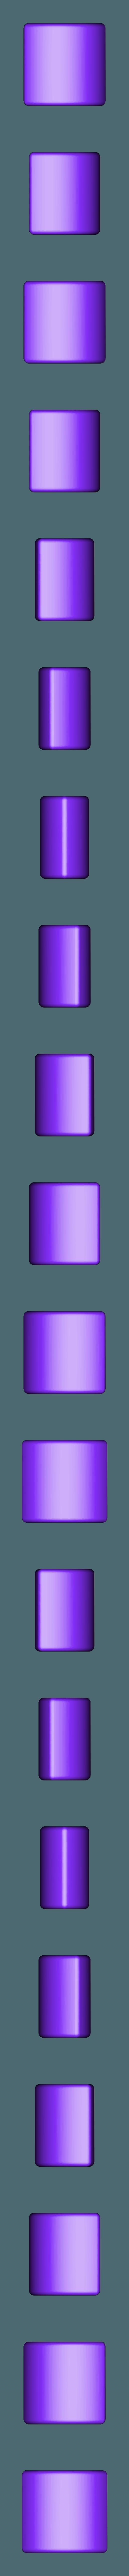 cover_hormann.stl Télécharger fichier STL gratuit Hormann HSE2-868-BS Mallette de protection • Modèle imprimable en 3D, touchthebitum